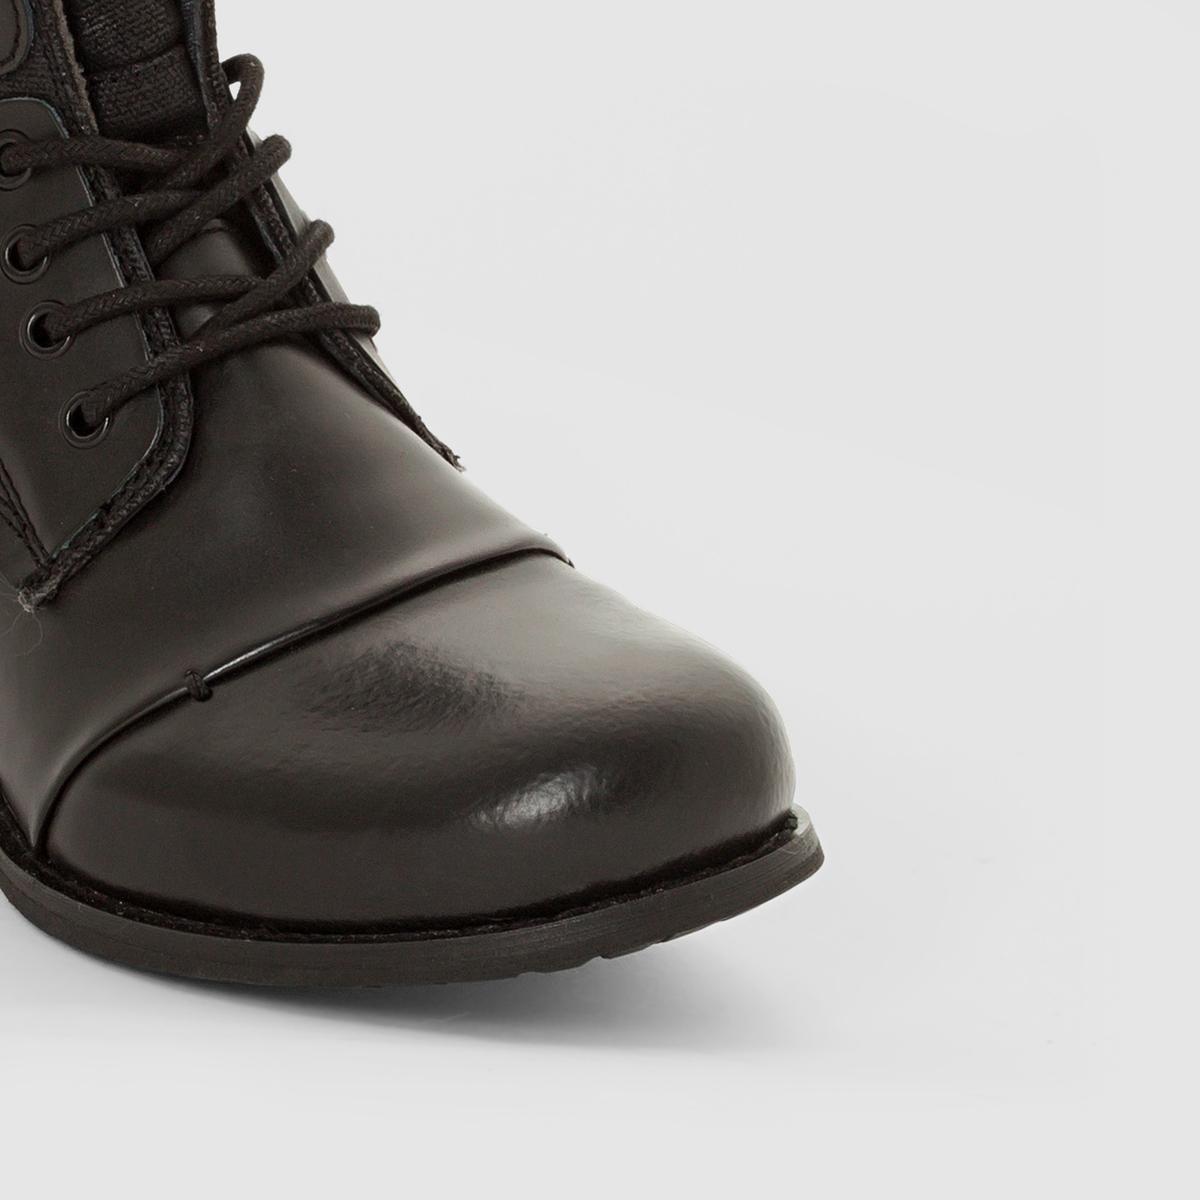 Ботинки на шнуровке с молнией SaraВерх/ Голенище : коровья кожа    Подкладка : подкладка из текстиляСтелька : кожаПодошва : каучук    Застежка : на молнию<br><br>Цвет: черный